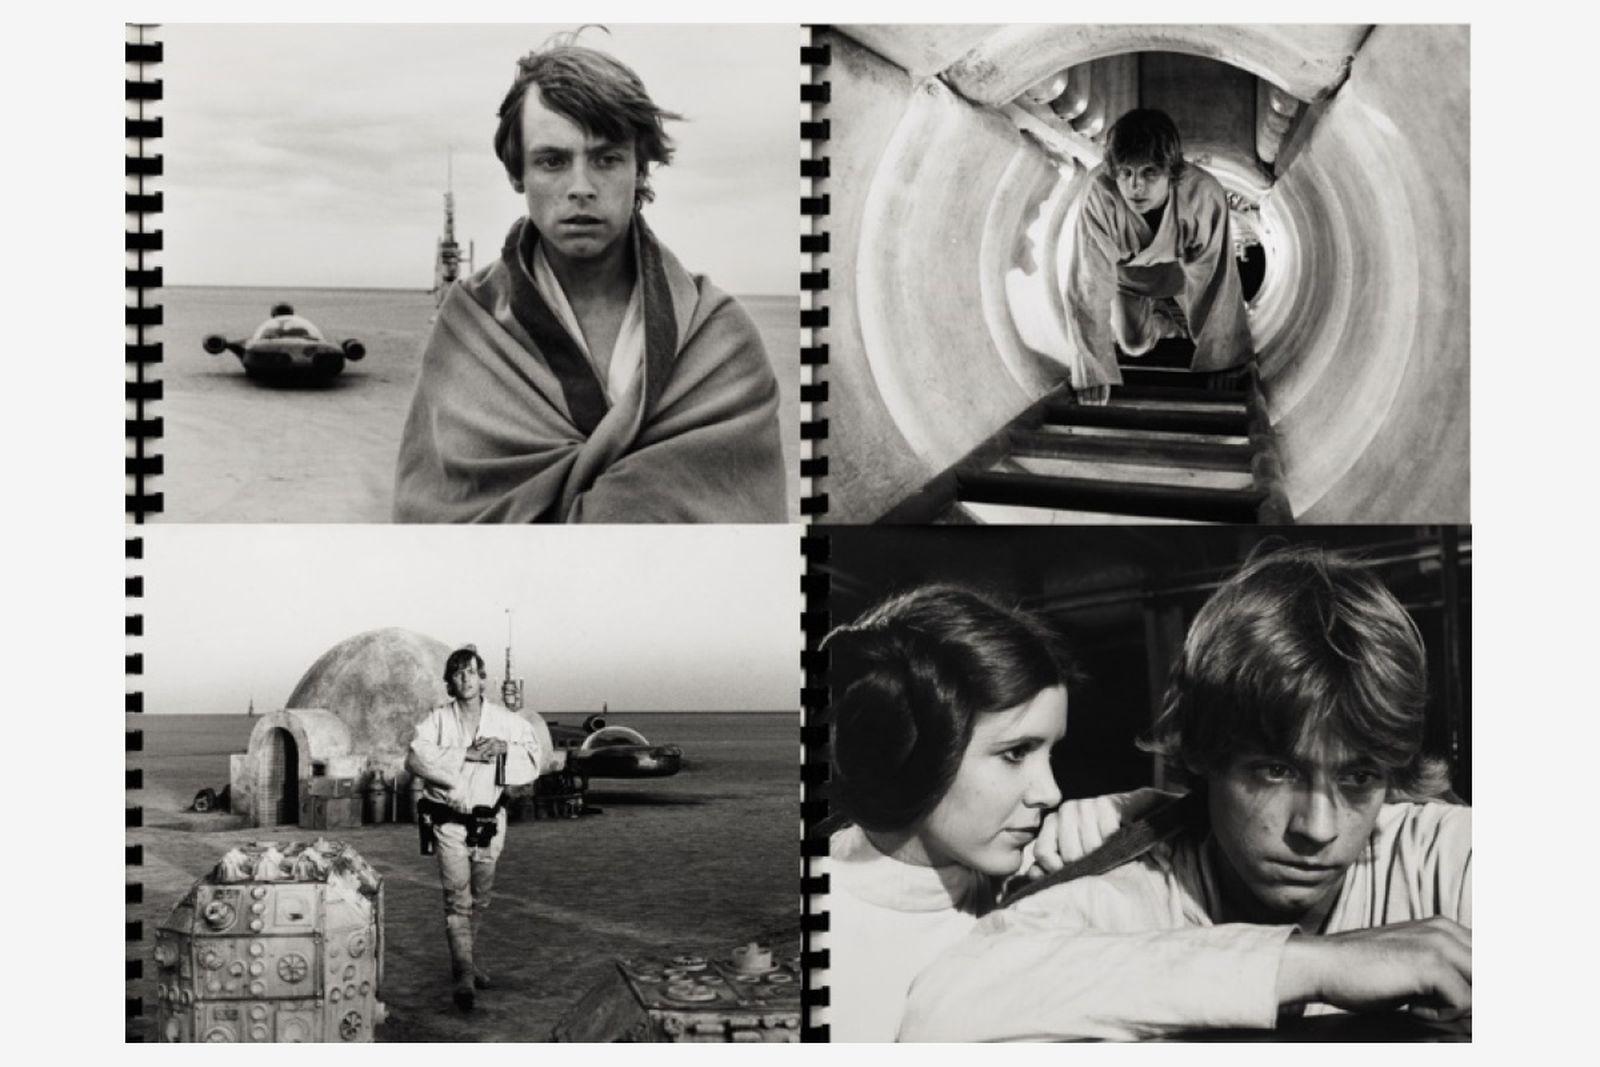 'Star Wars', Spiral bound album containing 52 original photographs, 1976